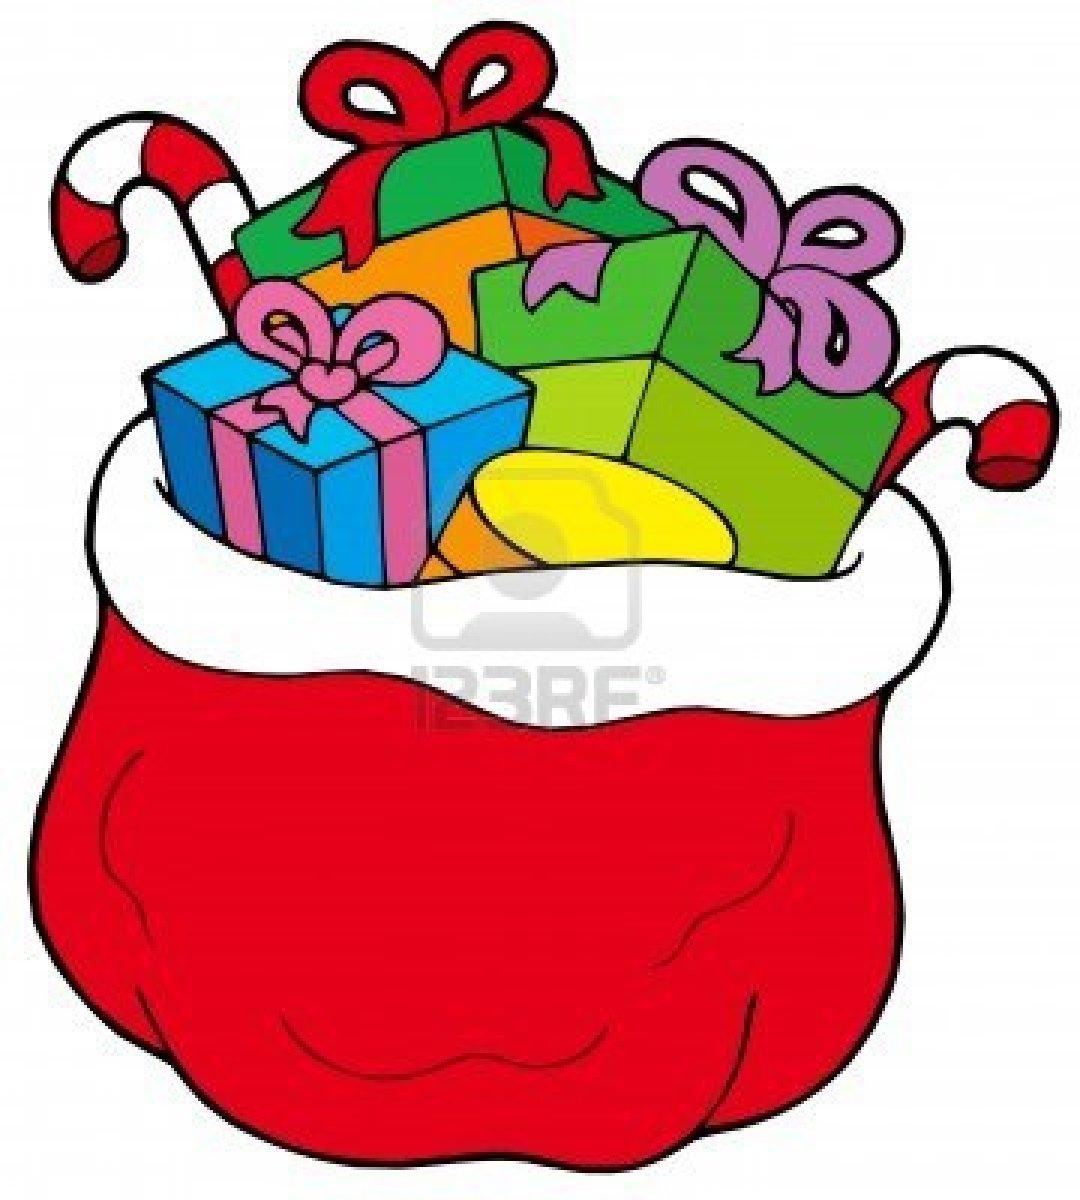 Exceptionnel en couleurs à imprimer : Evènements - Noël - Cadeau de Noël numéro ES38